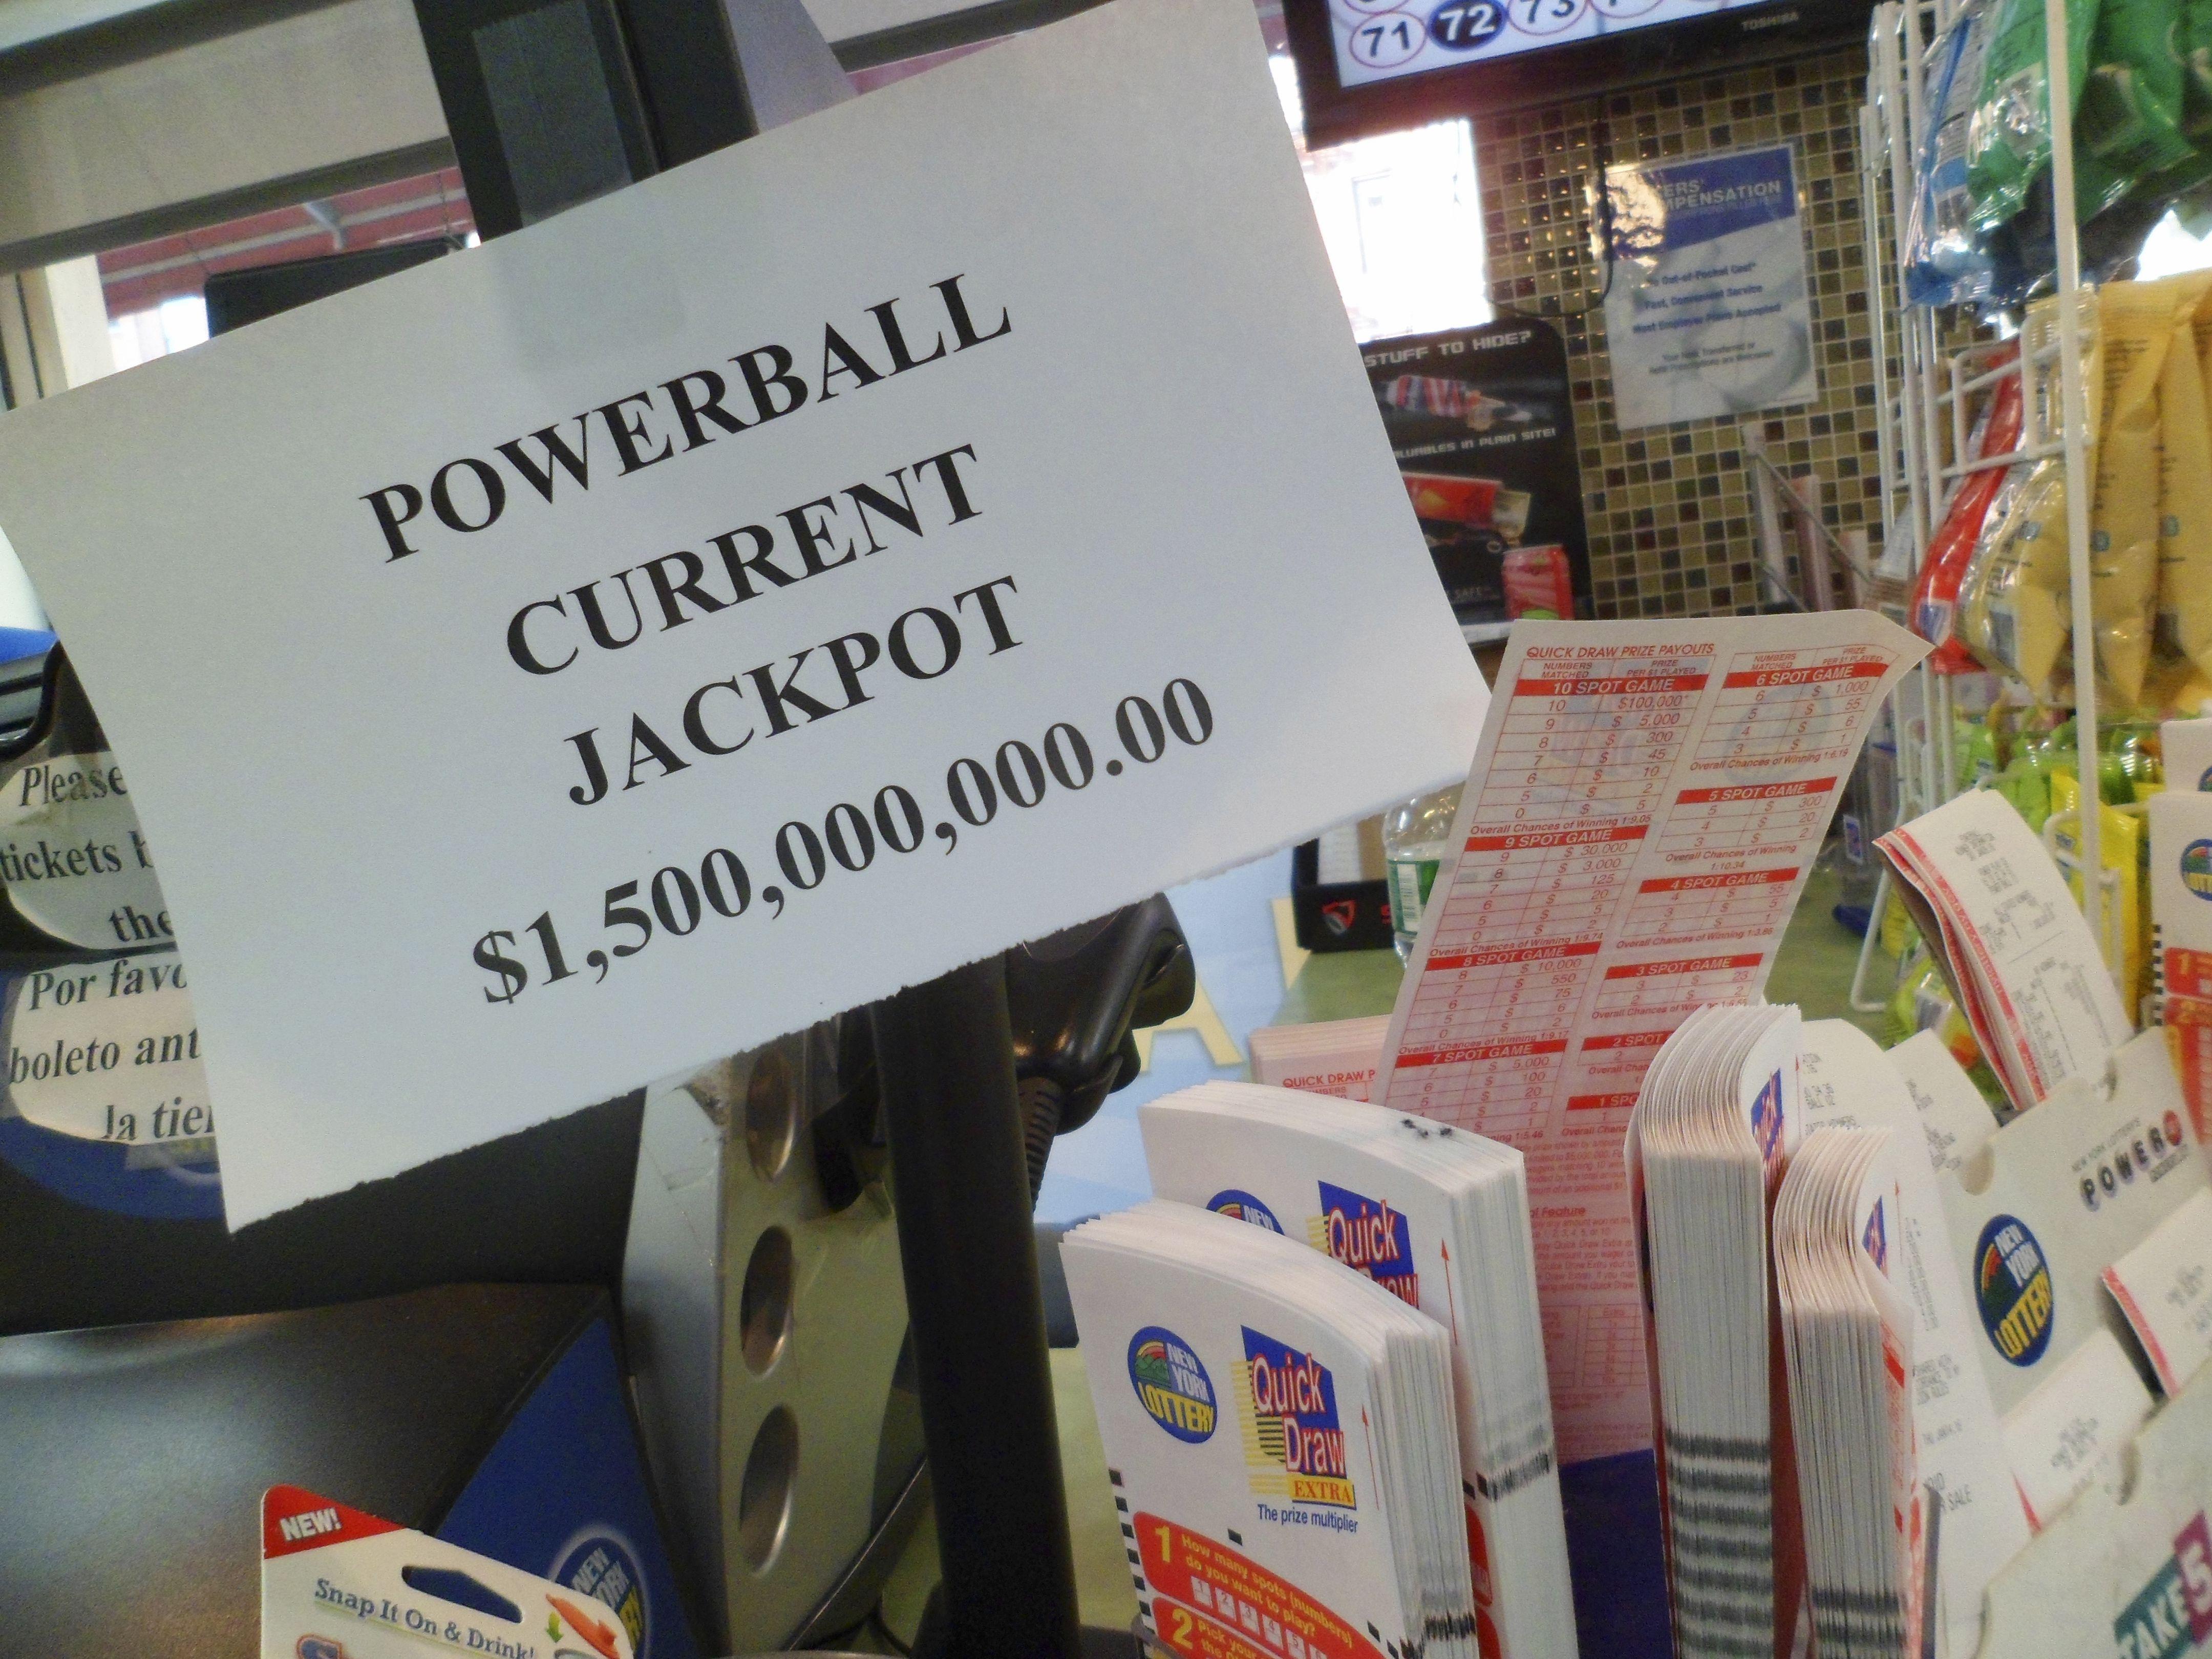 Австралийская лотерея powerball lotto (7 из 35 + 1 из 20)